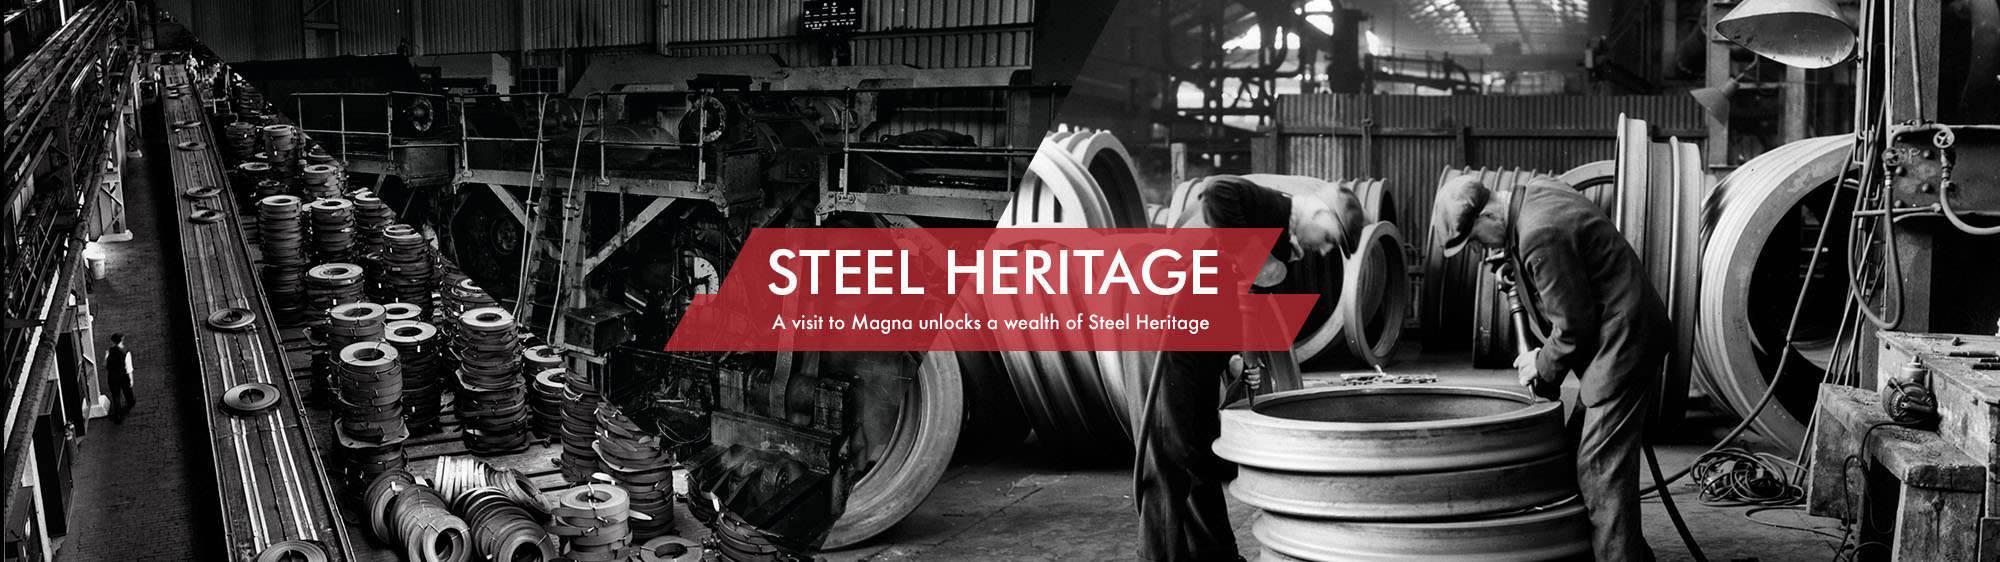 Steel Heritage